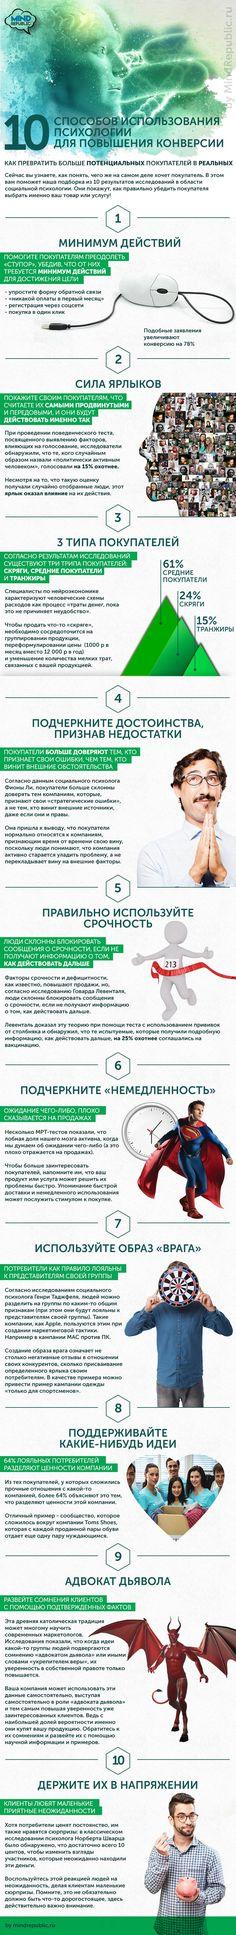 Увеличение конверсии сайта. Инфографика.Infographics marketing